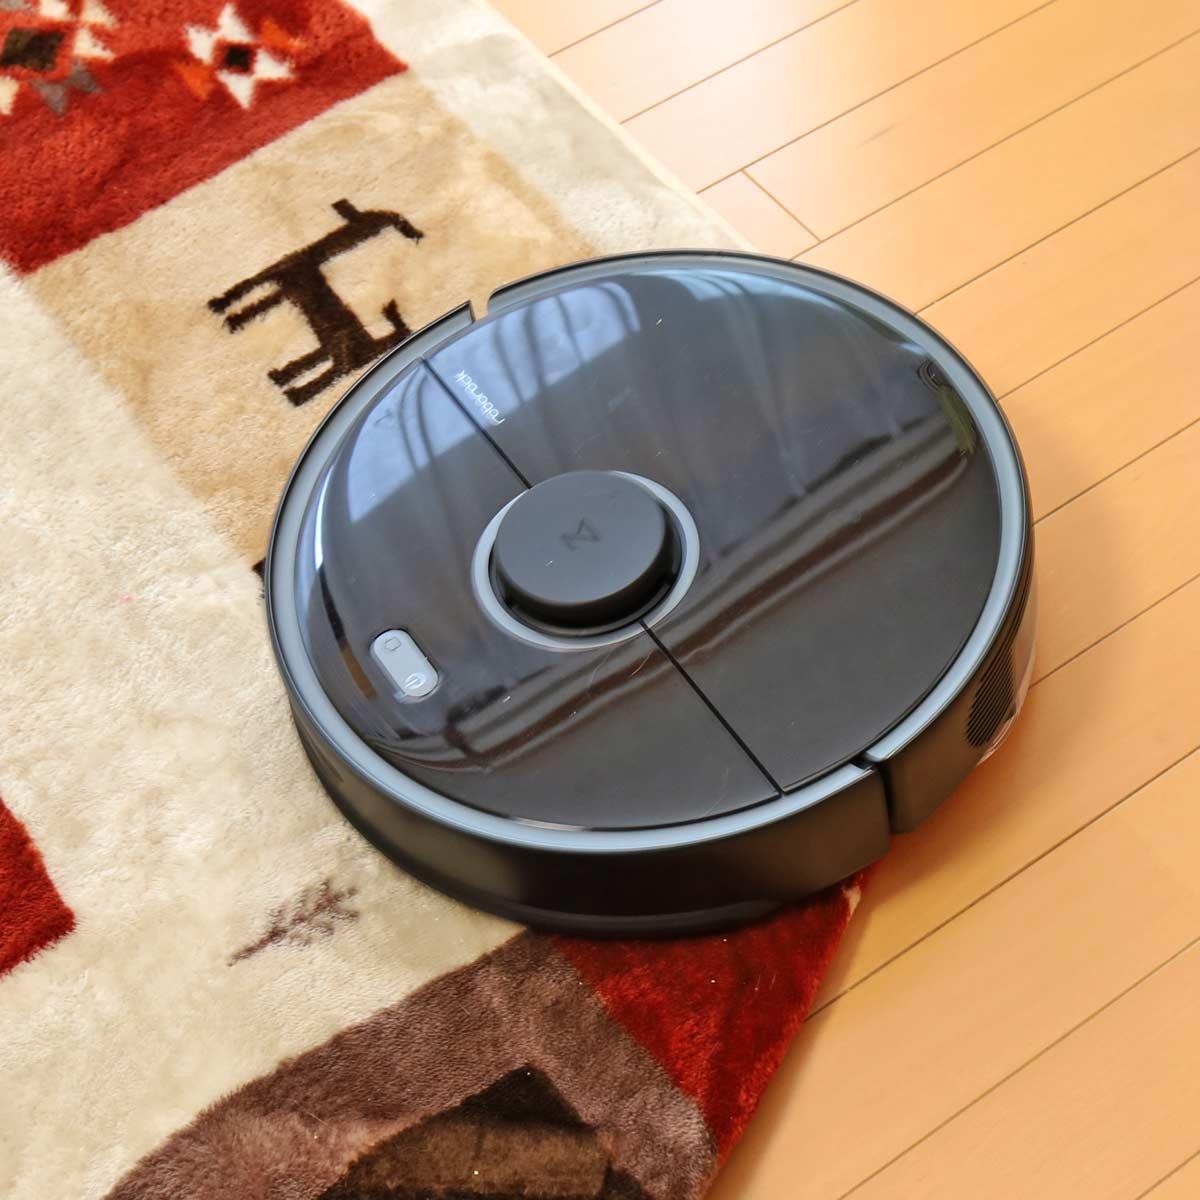 ペットがいる家はロボット掃除機が重宝する! 水拭きもできる「Roborock S5 Max」をレビュー